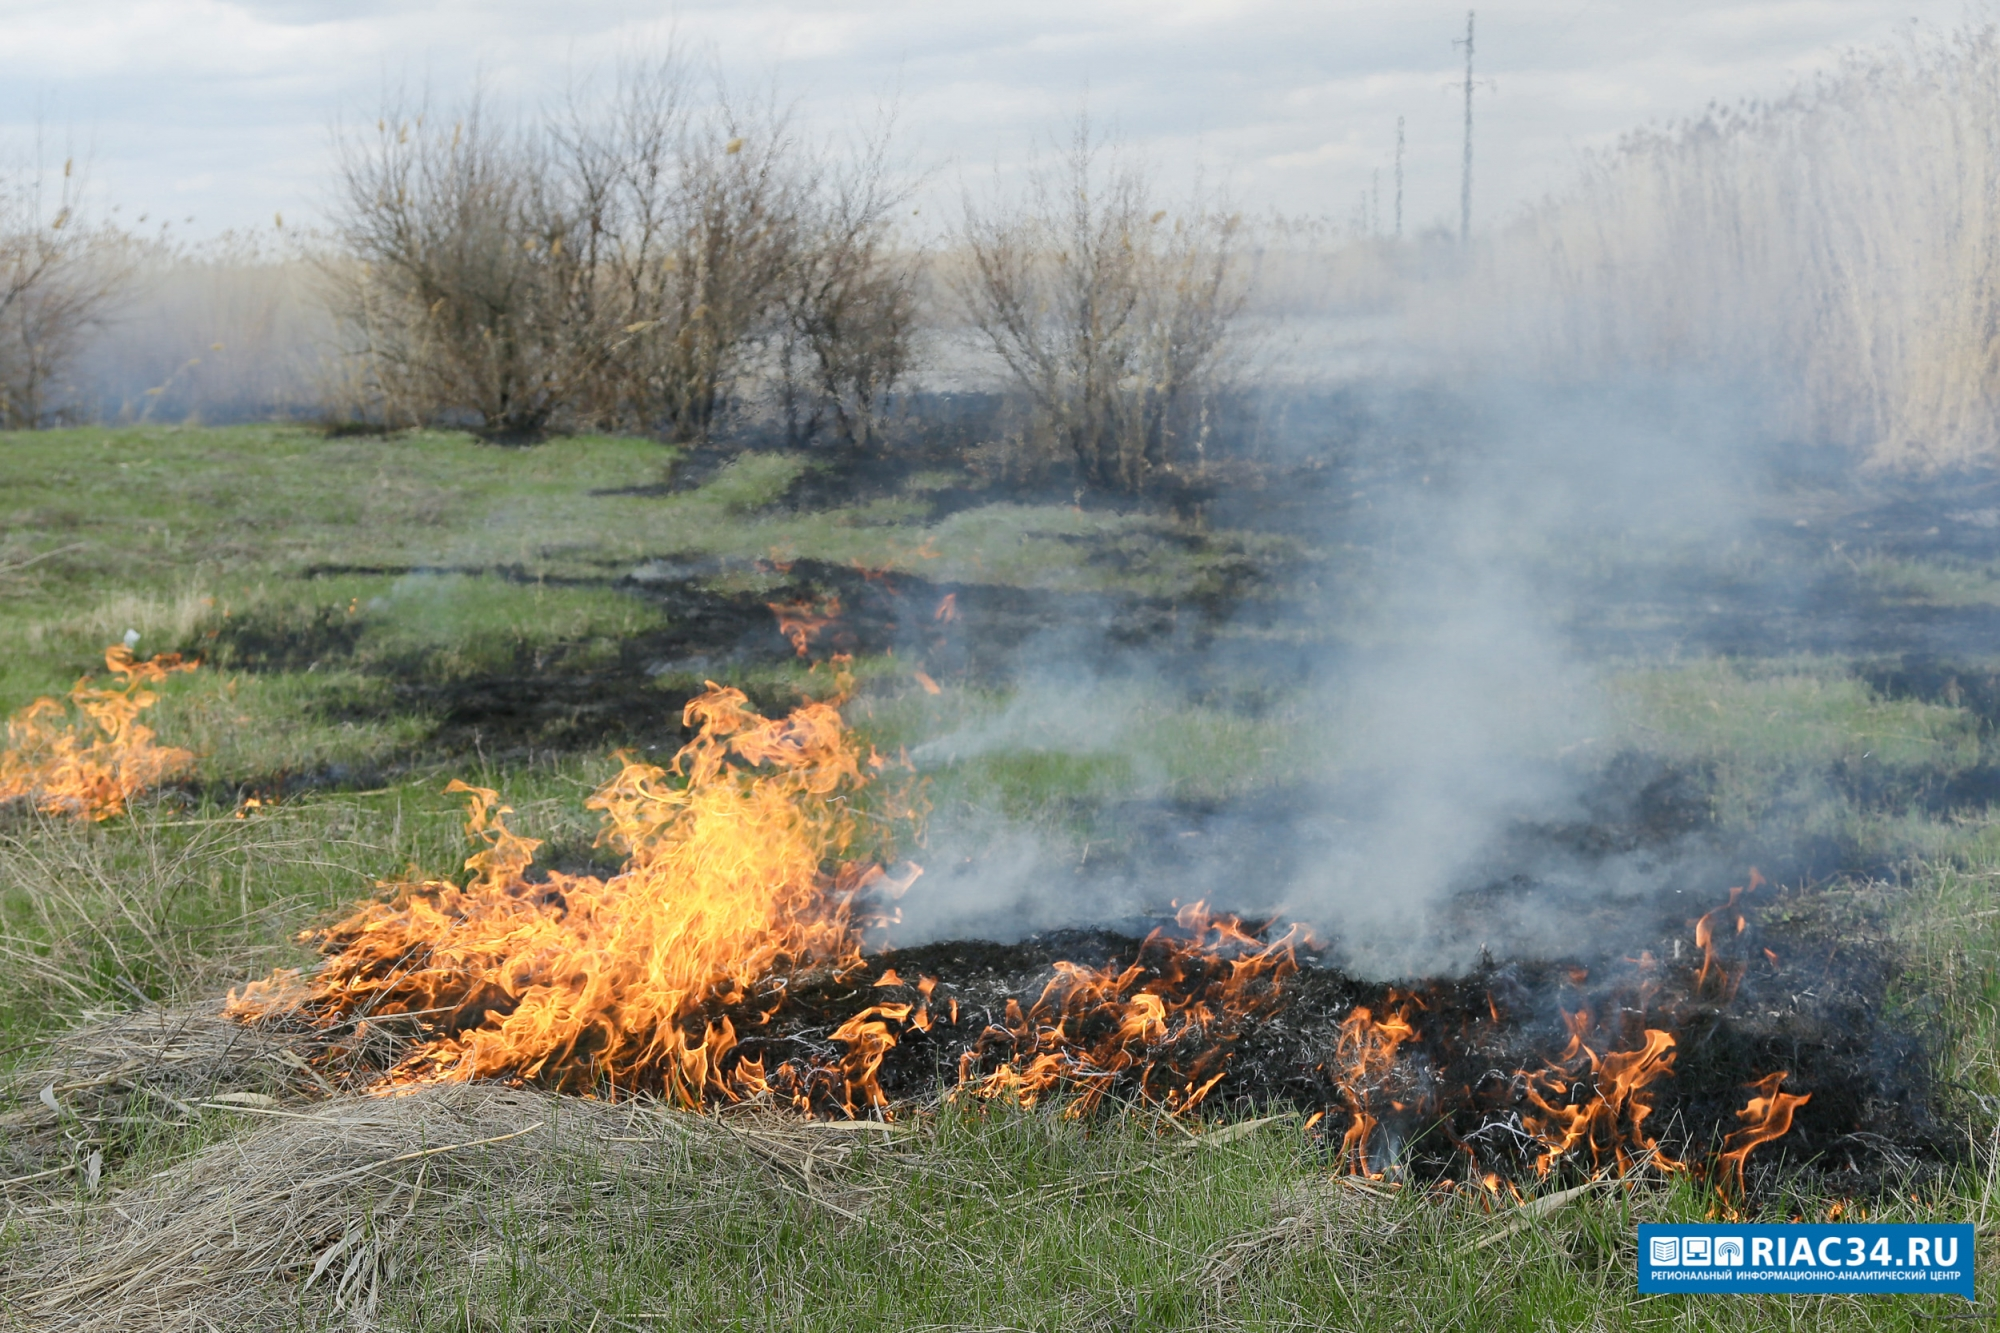 Помогать тушить ландшафтный пожар вВолгограде прилетел спецвертолет